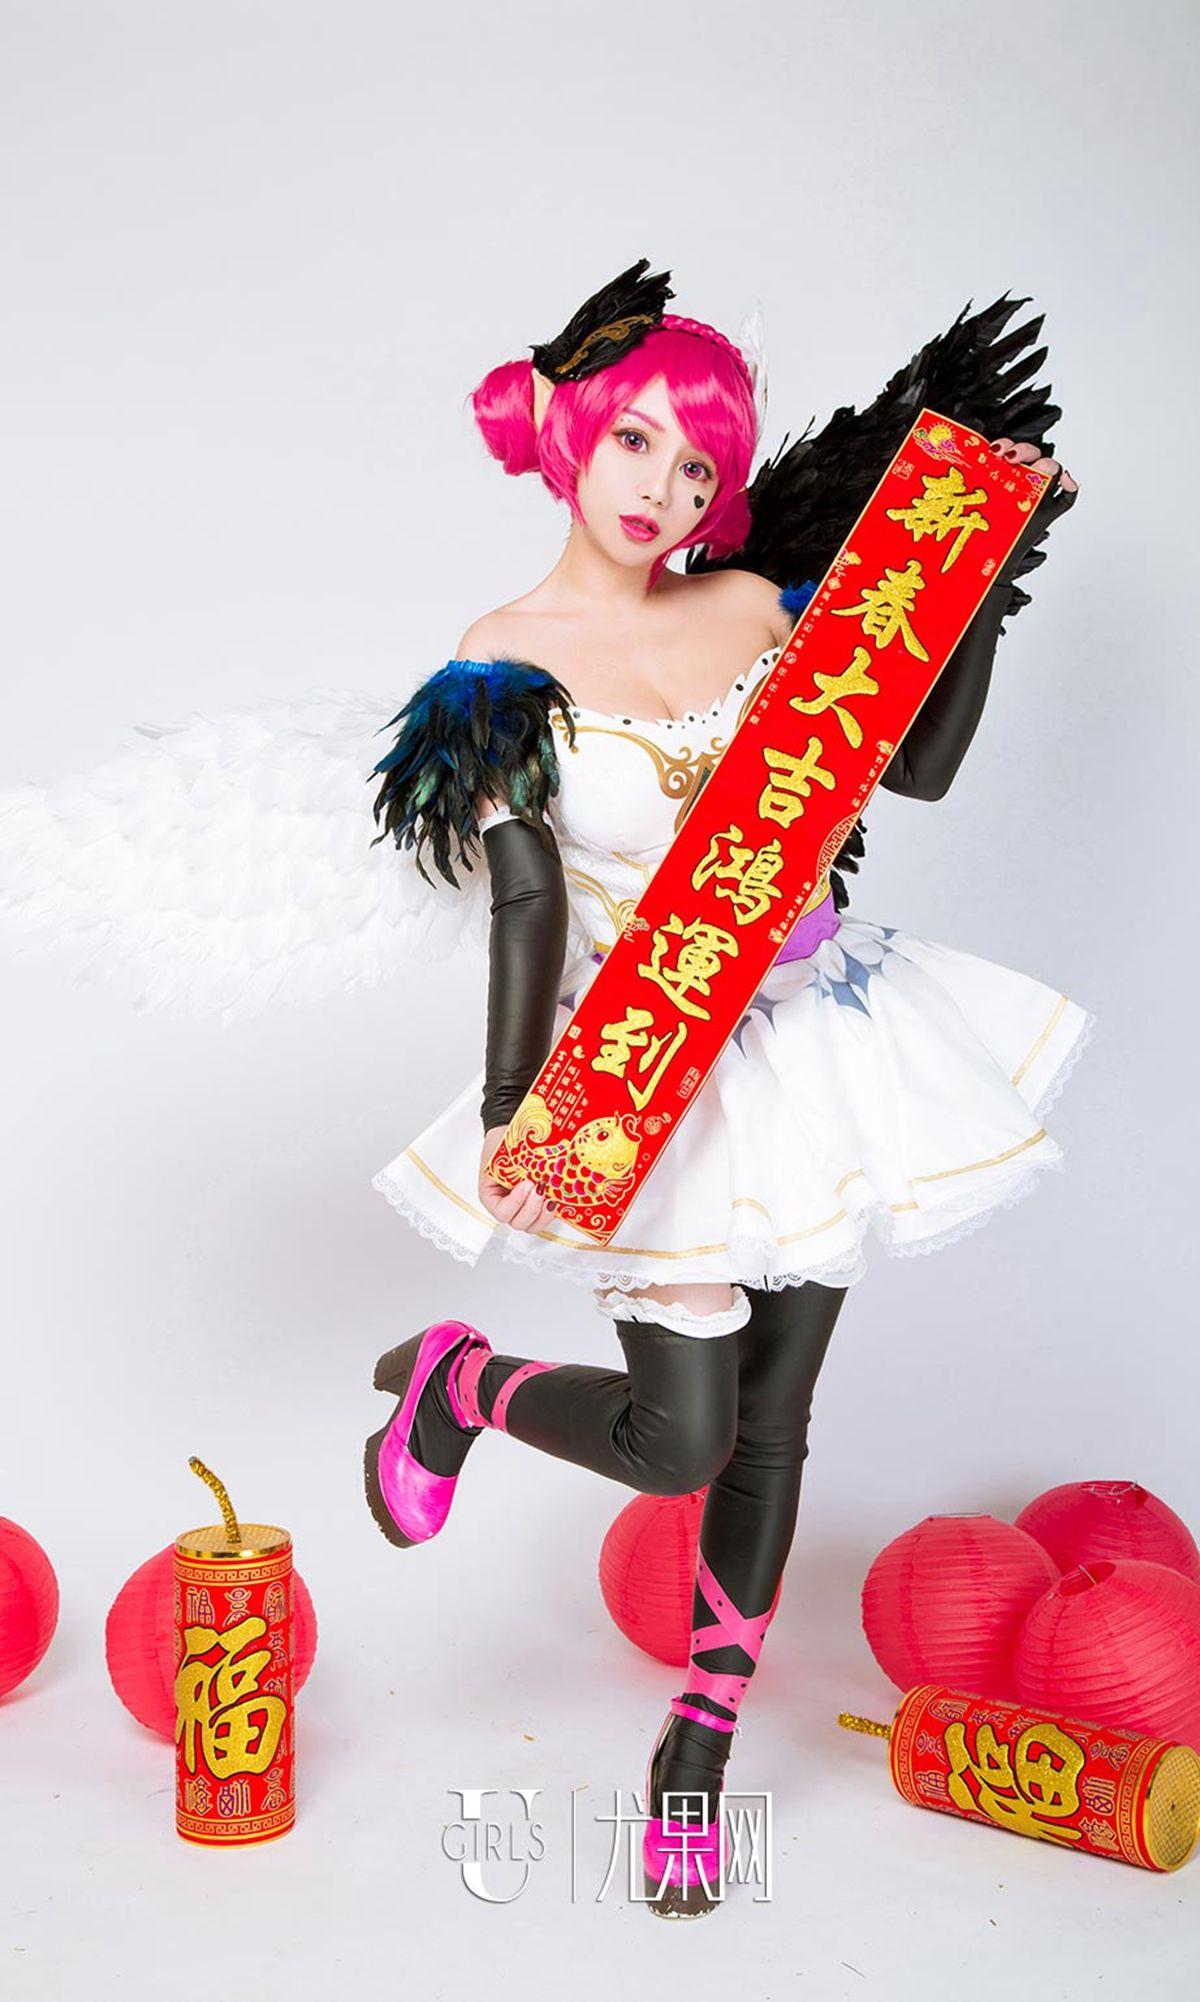 爱菲&周心怡&施诗&白熙萌&艺轩&田慕儿&筱慧 -